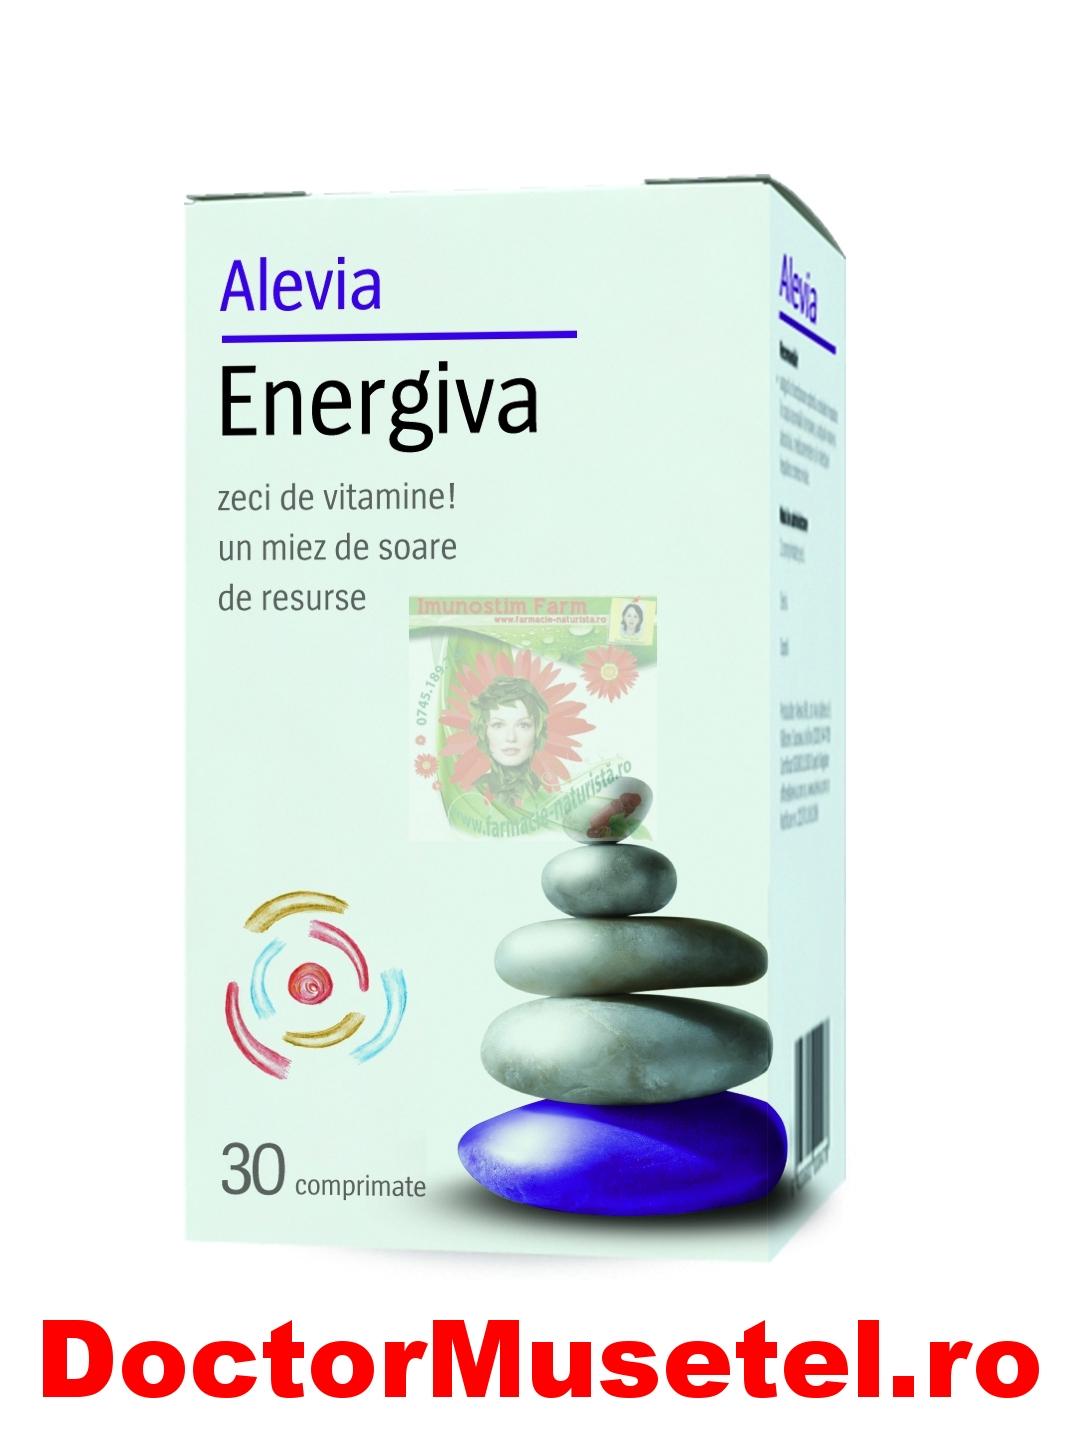 energiva-ALEVIA-multivitamine-si-minerale-www-farmacie-naturista-ro.jpg